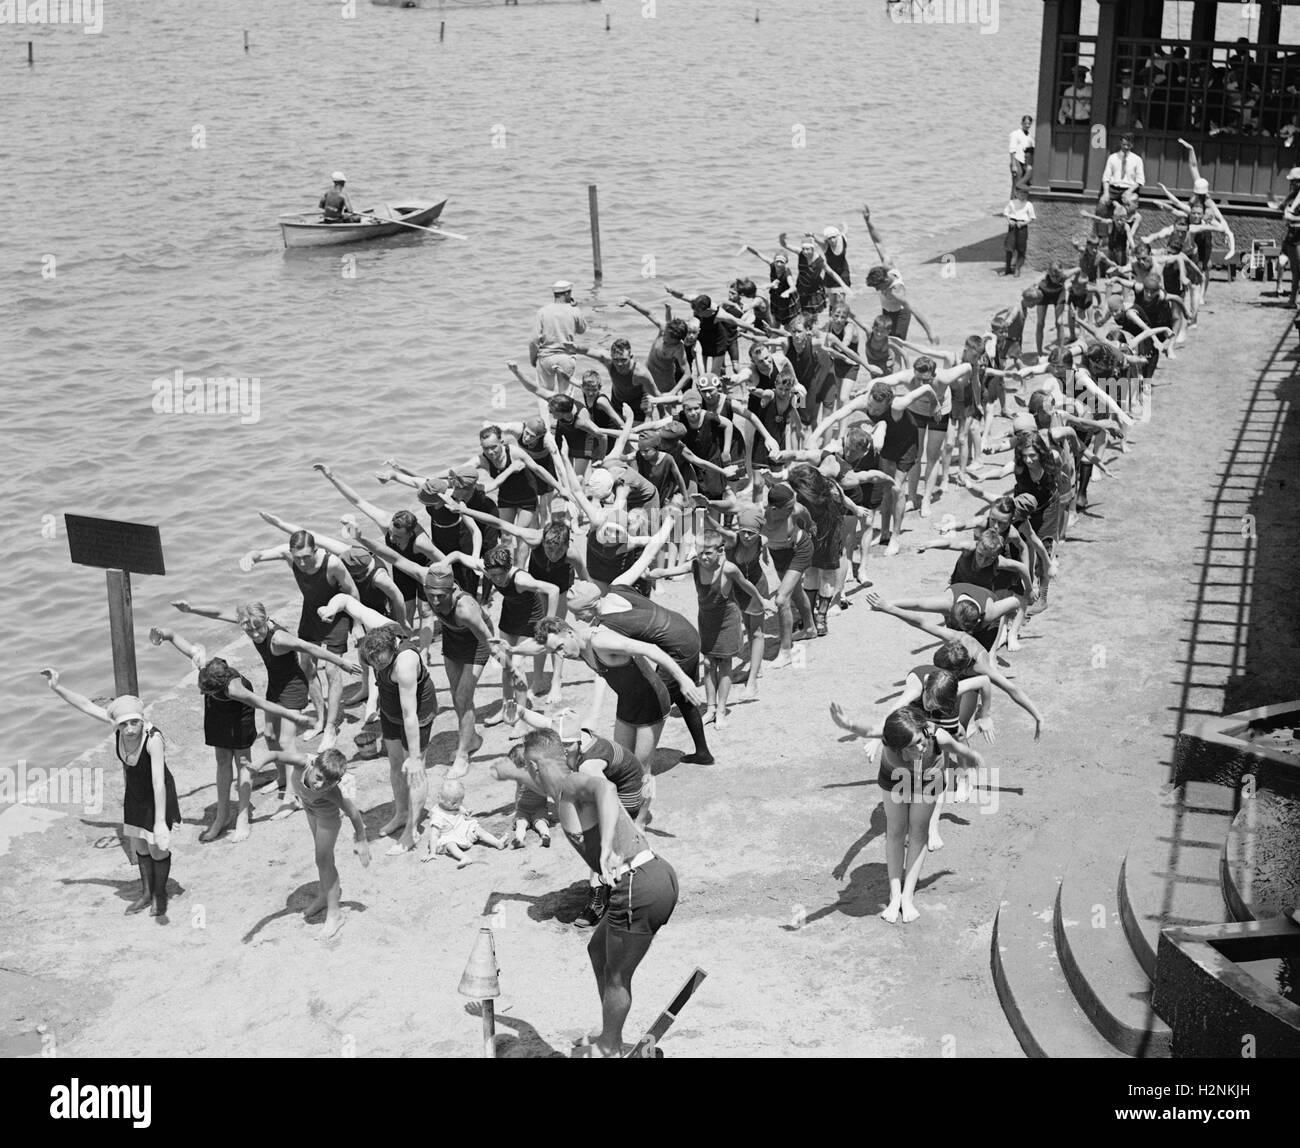 Lezioni di nuoto a spiaggia balneare, Washington DC, Stati Uniti d'America, nazionale foto Azienda, Luglio 1922 Immagini Stock